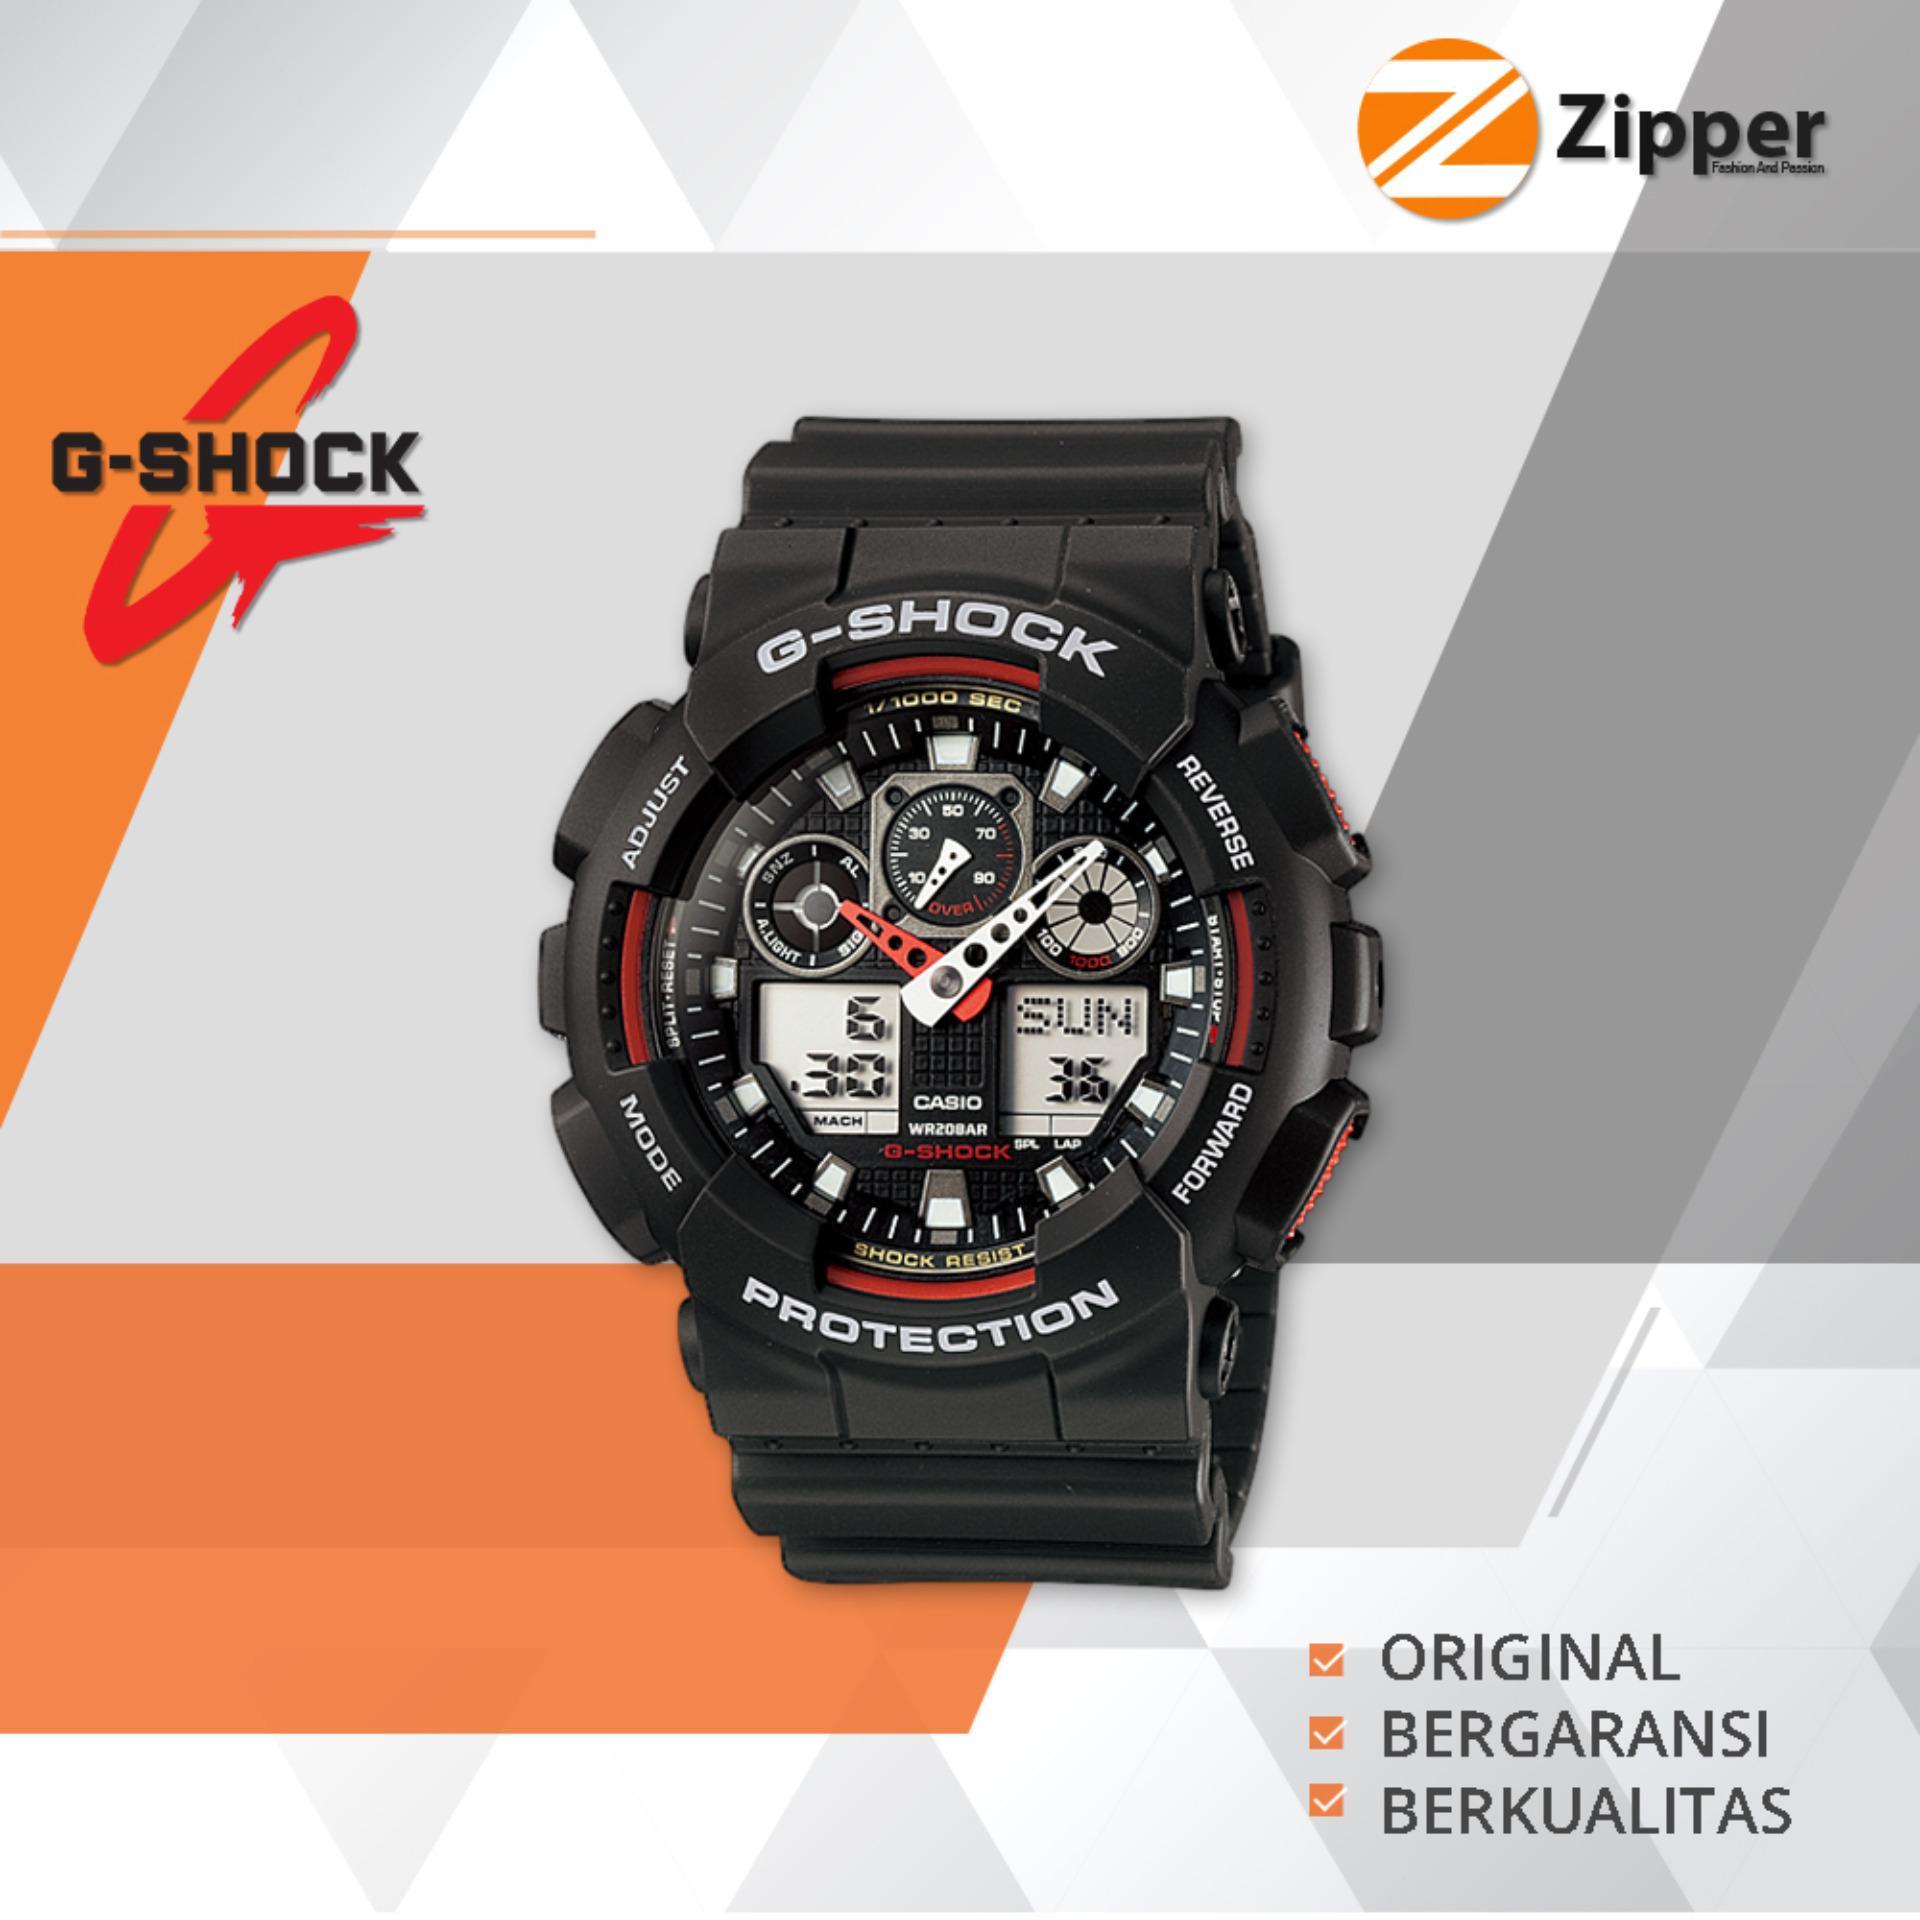 Harga Casio G Shock Jam Tangan Pria Analog Digital Ga 100 Series Tali Karet Termurah